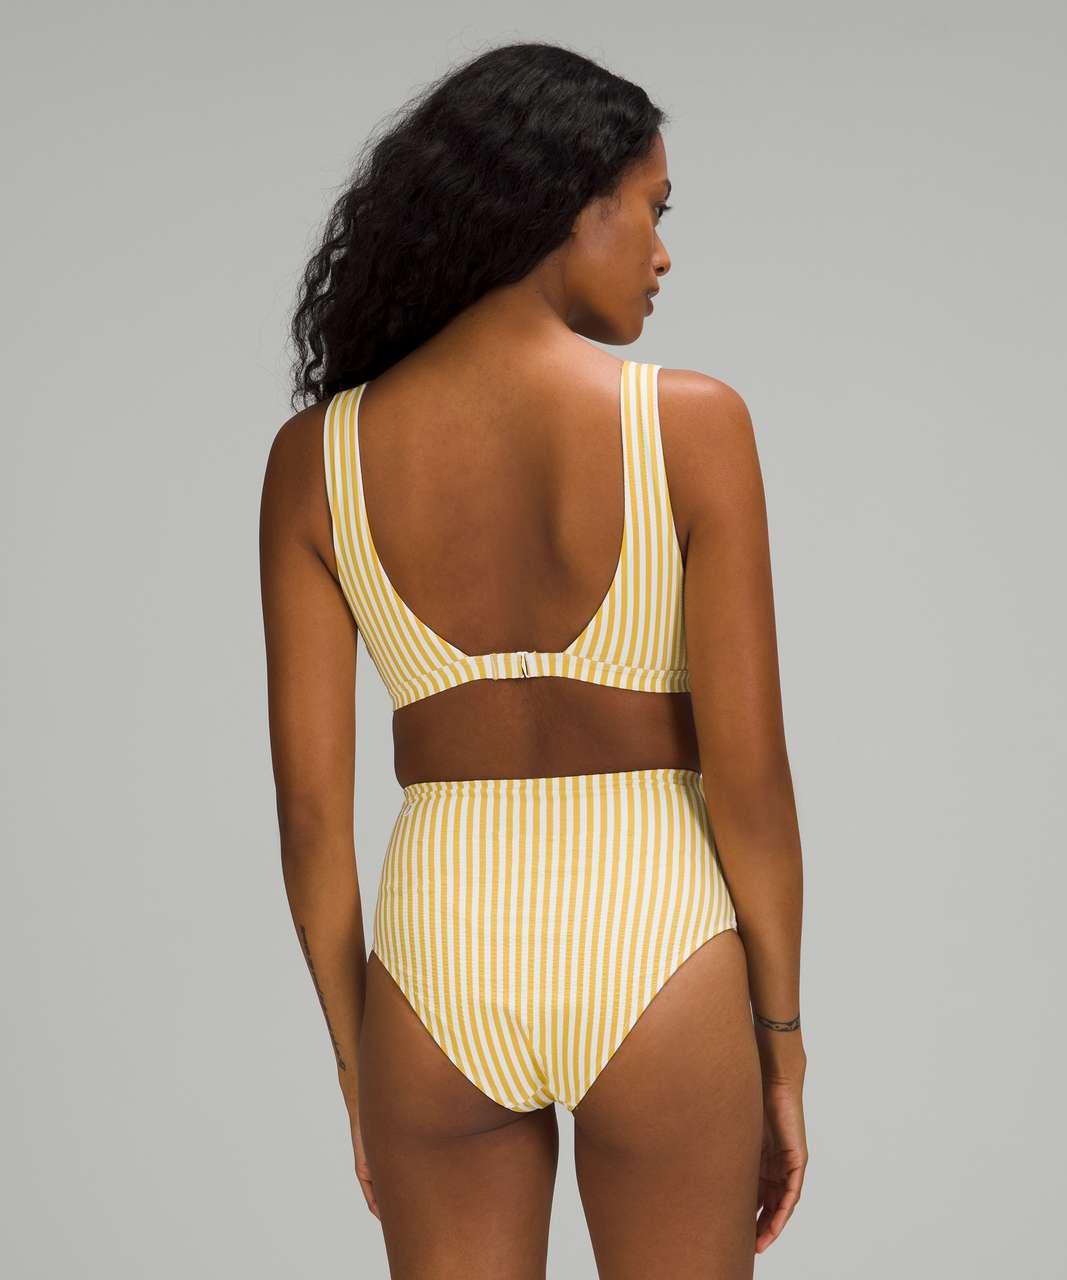 Lululemon Waterside V Seersucker Swim Top *C/D Cups - Energize Stripe White Wheat Yellow